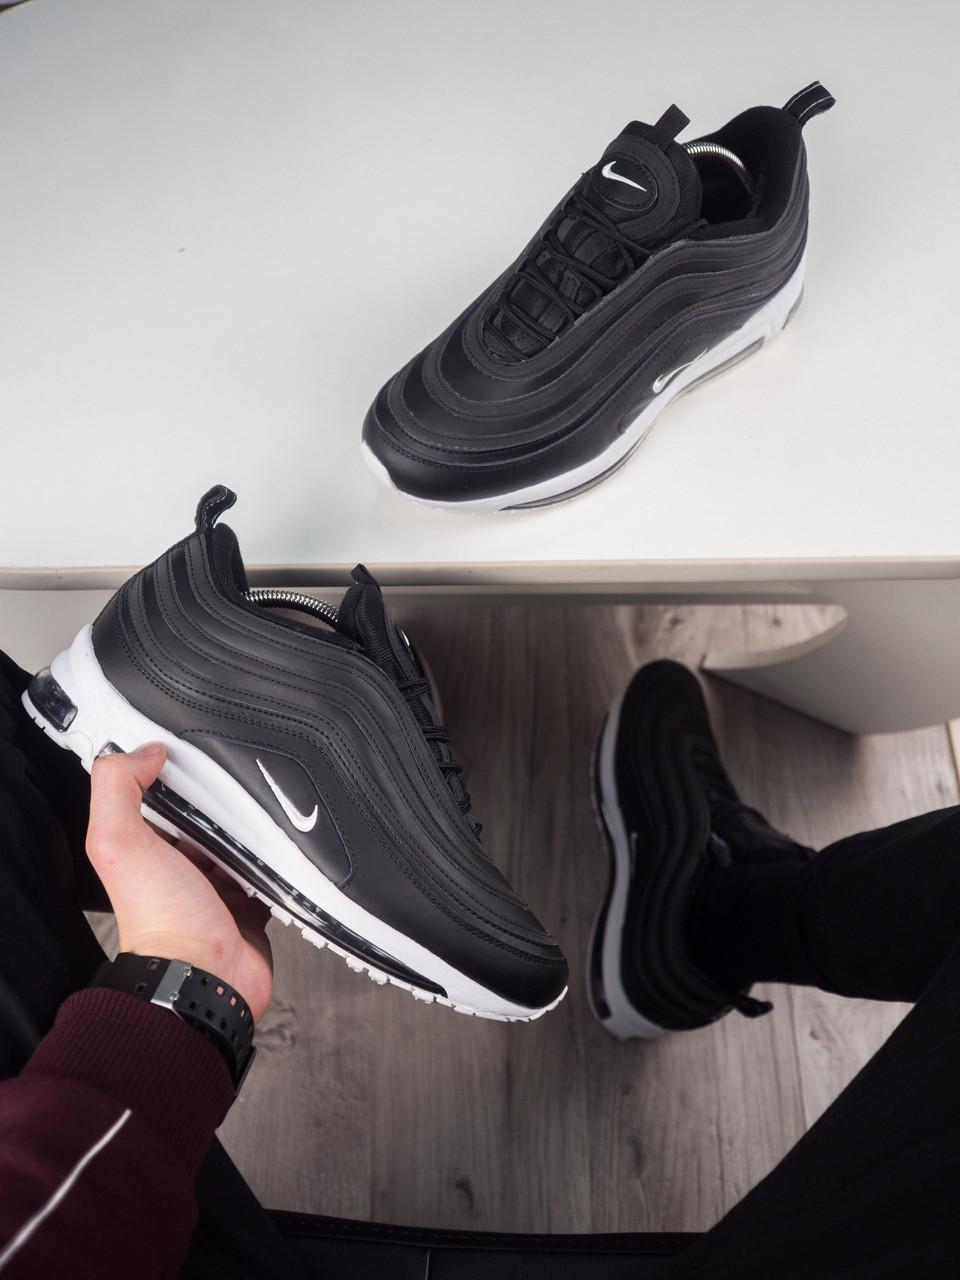 c705b8f0bdc8 Мужские Кроссовки Nike Air Max 97 Black (МЕХ) Реплика AAA+ — в ...